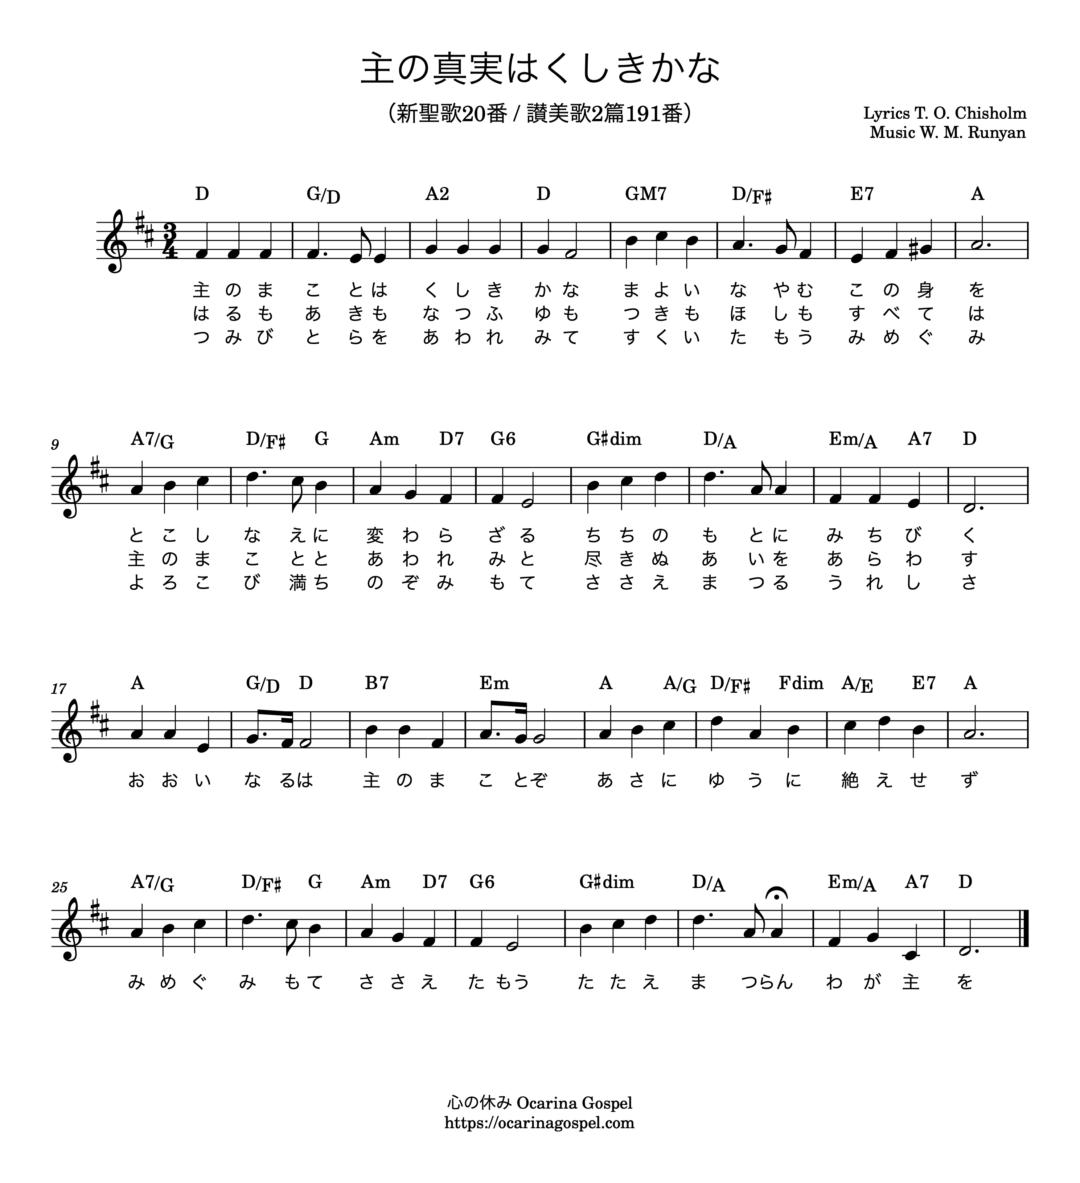 主の真実はくしきかな 聖歌 楽譜